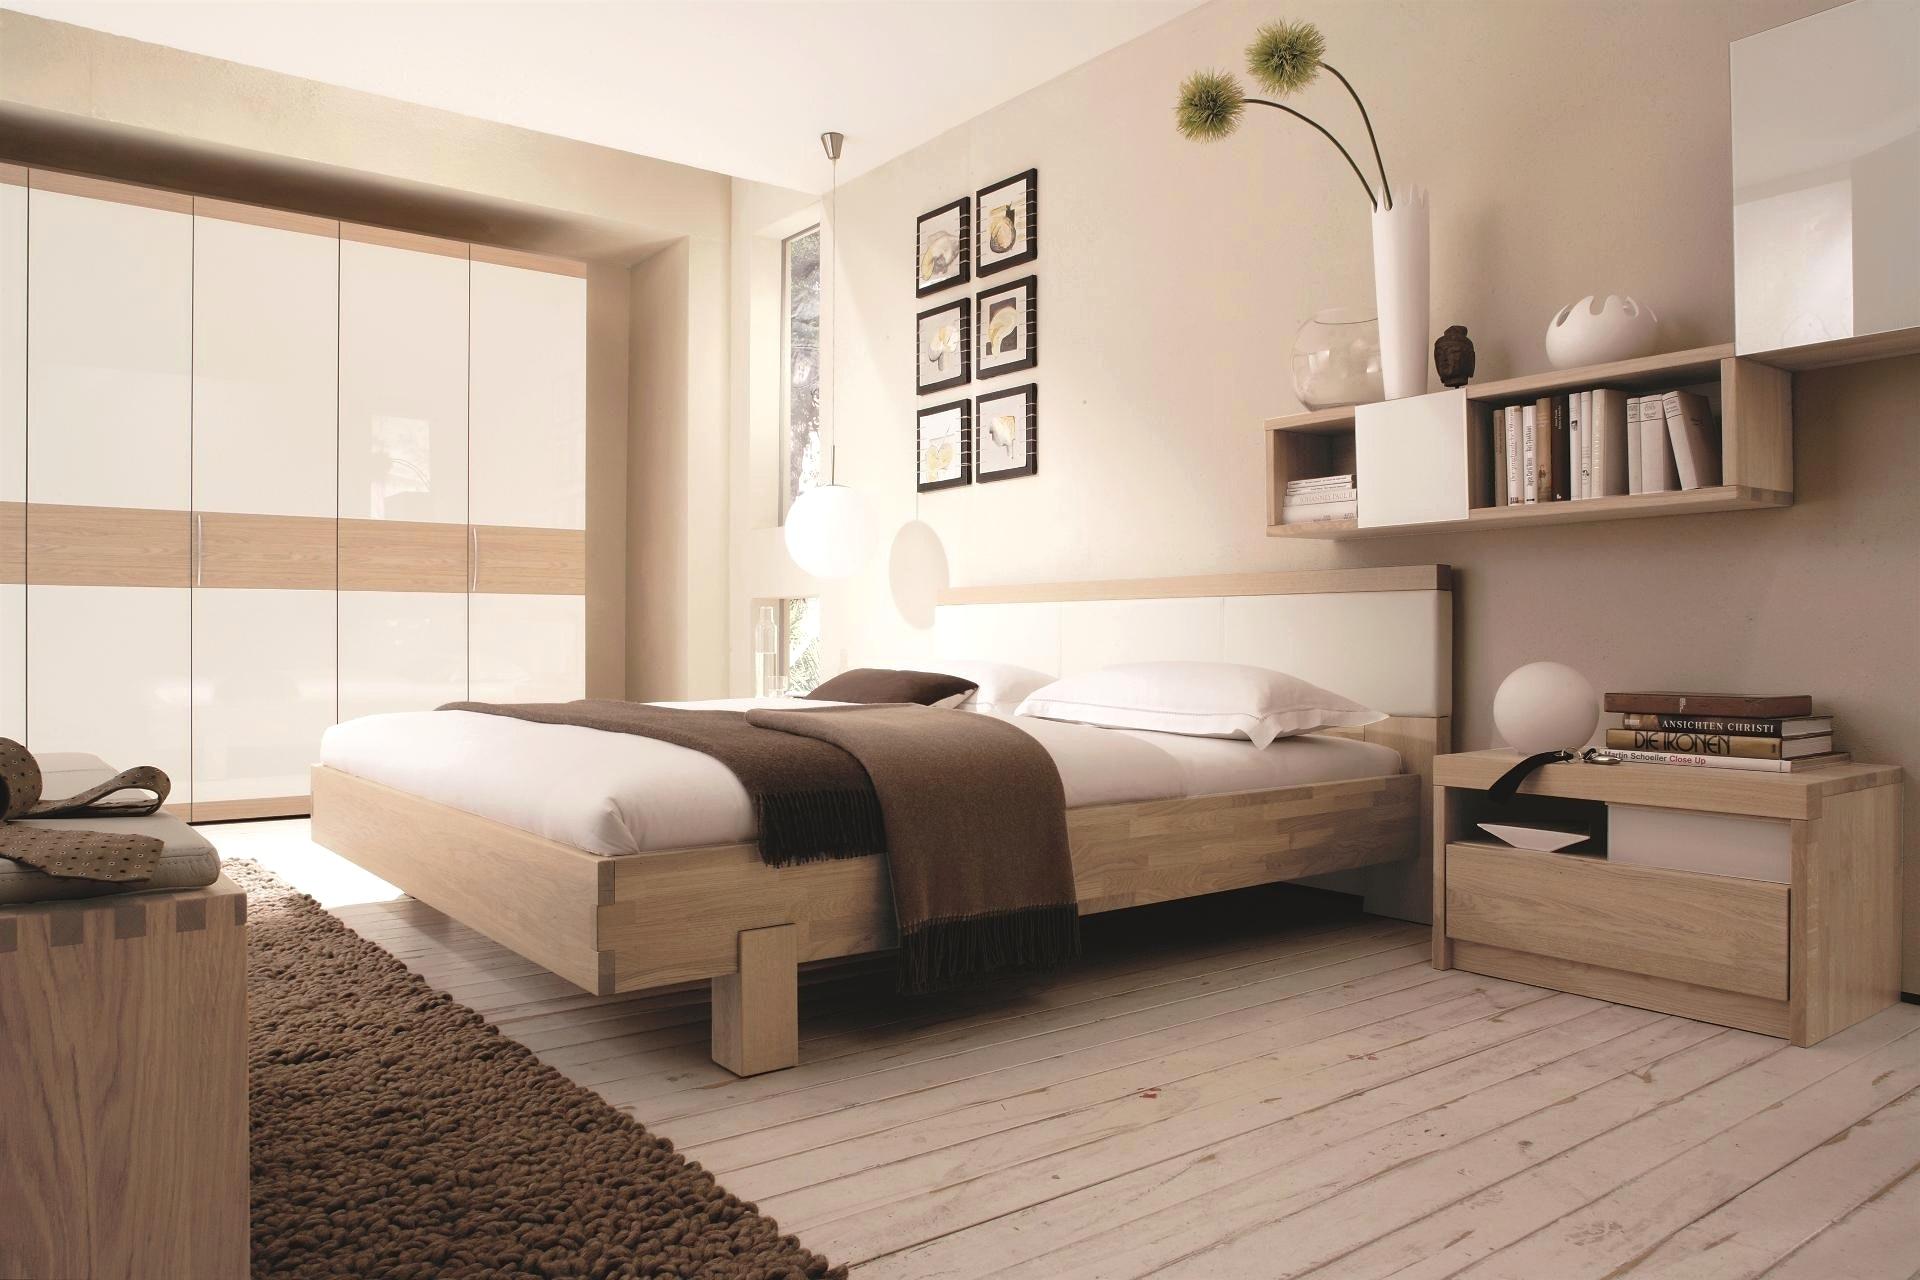 Beste Schlafzimmer Bemerkenswert On Für Cabiralan Com 2